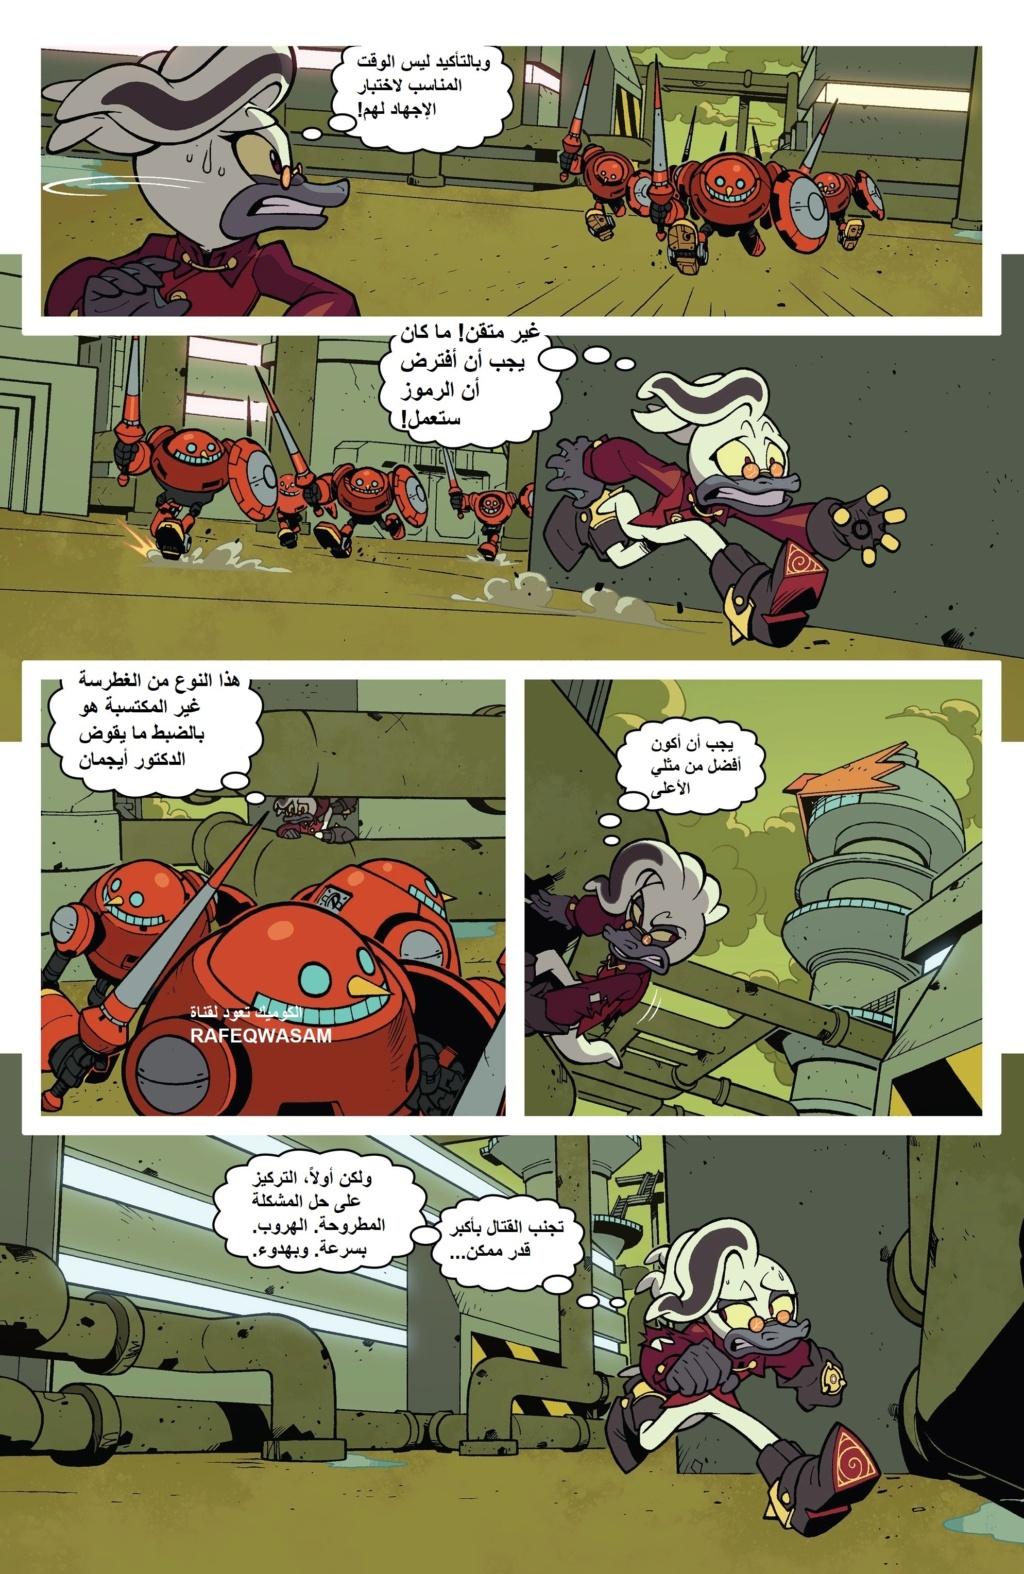 سونيك idw العدد الخاص bad guys العدد 1 كامل ومترجم Kisscl16